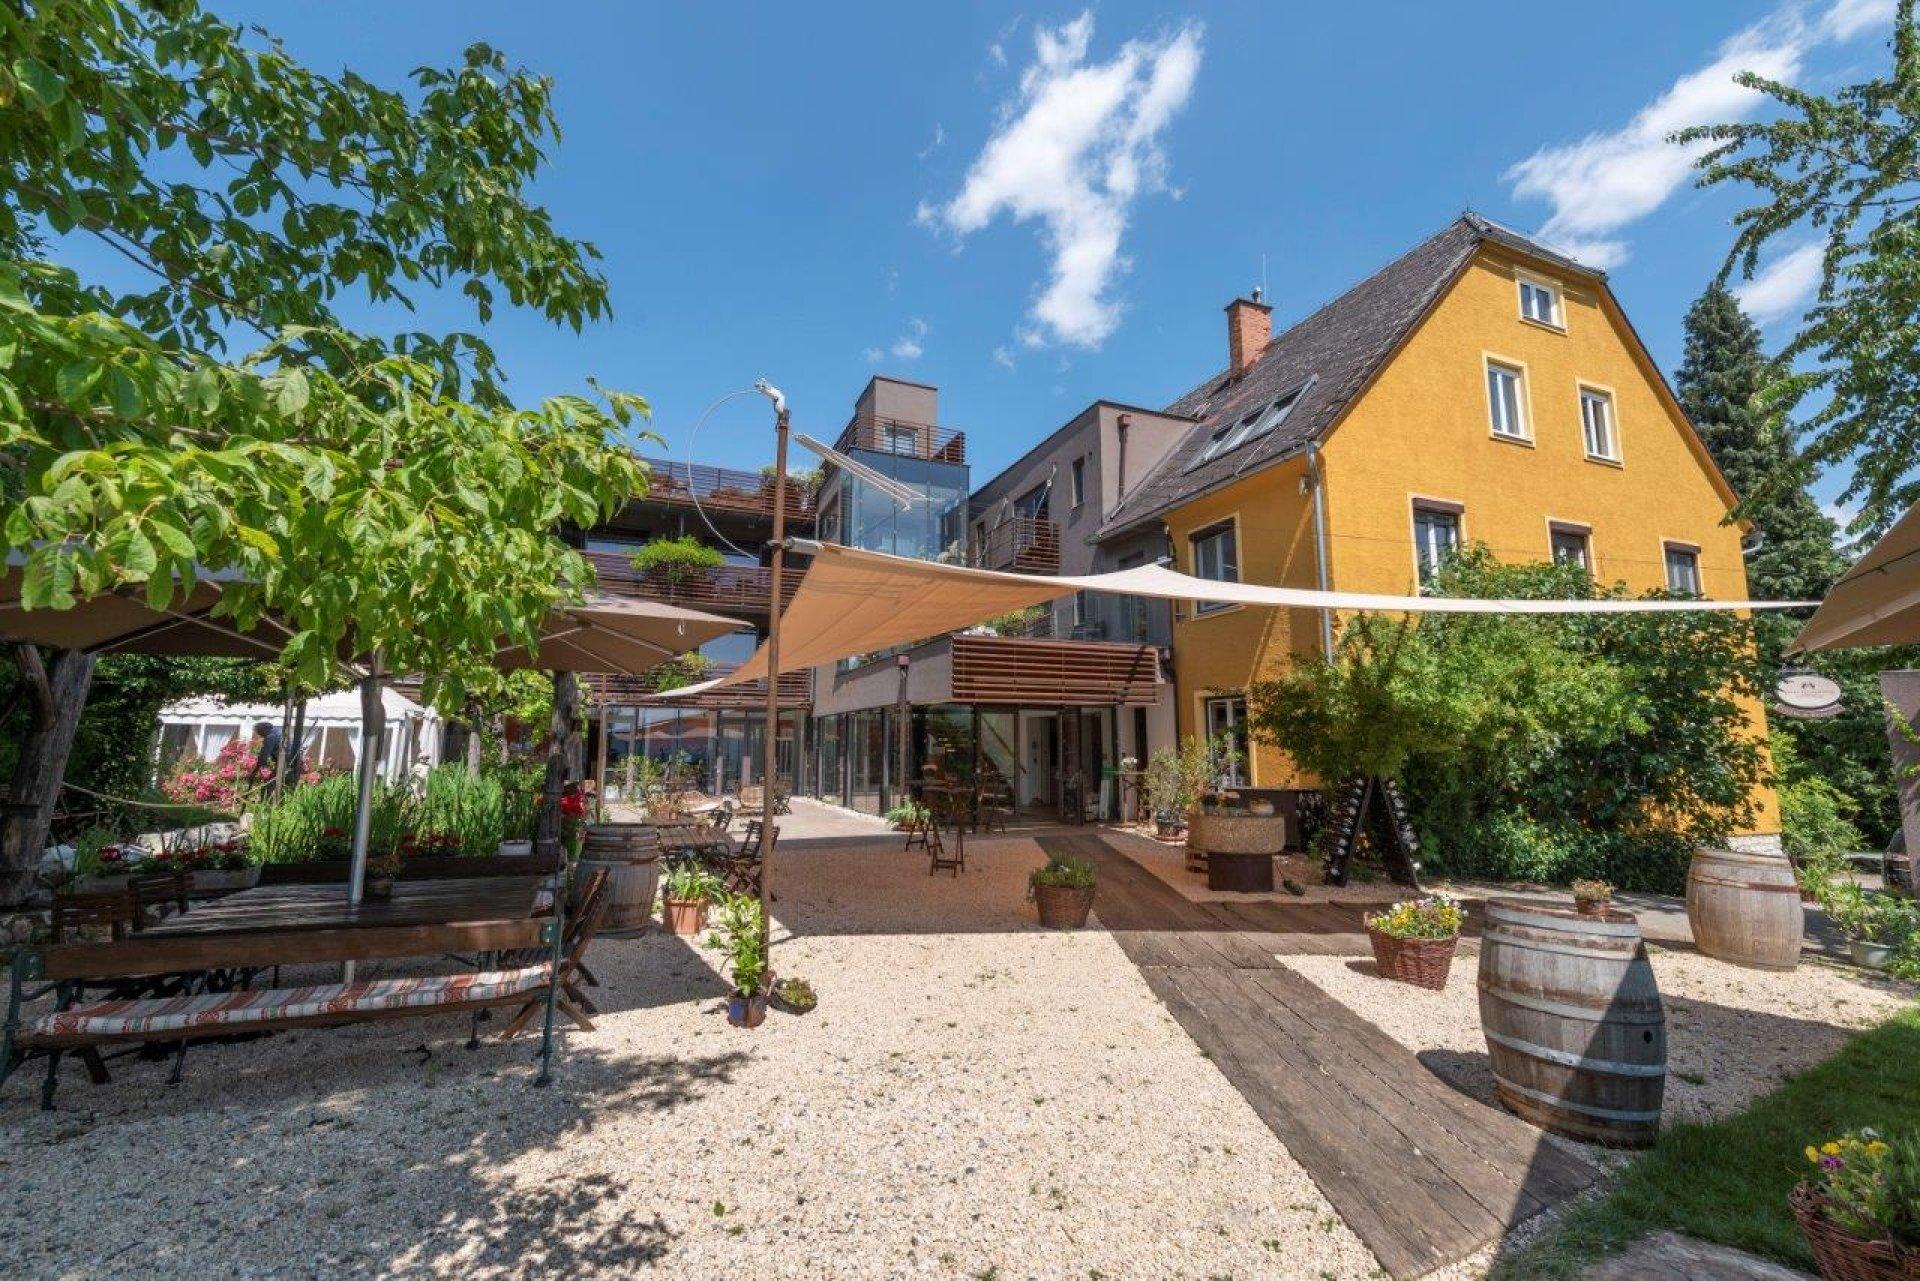 SunSquare Strahlensegel für das Weingartenhotel Harkamp.